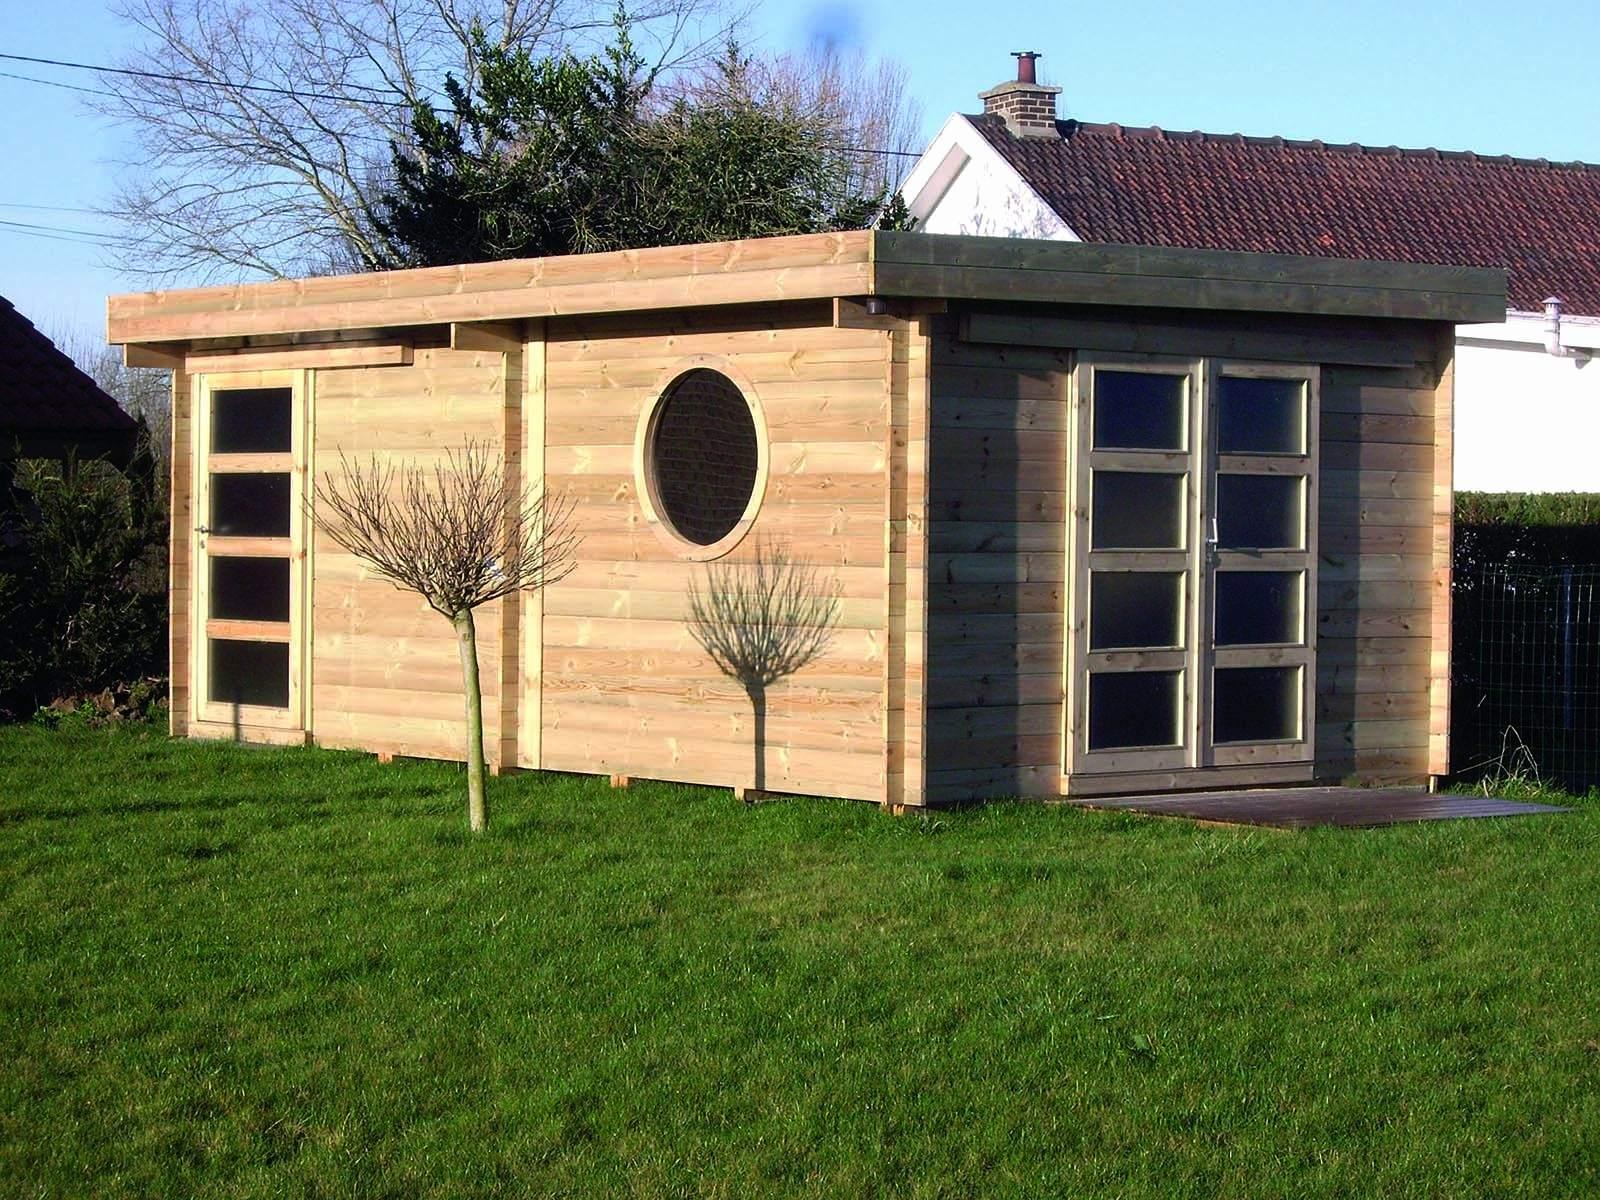 Abri Jardin Bois Brico Depot Inspirant Collection Abri De Jardin Contemporain Gracieux Brico Depot Abri De Jardin Luxe